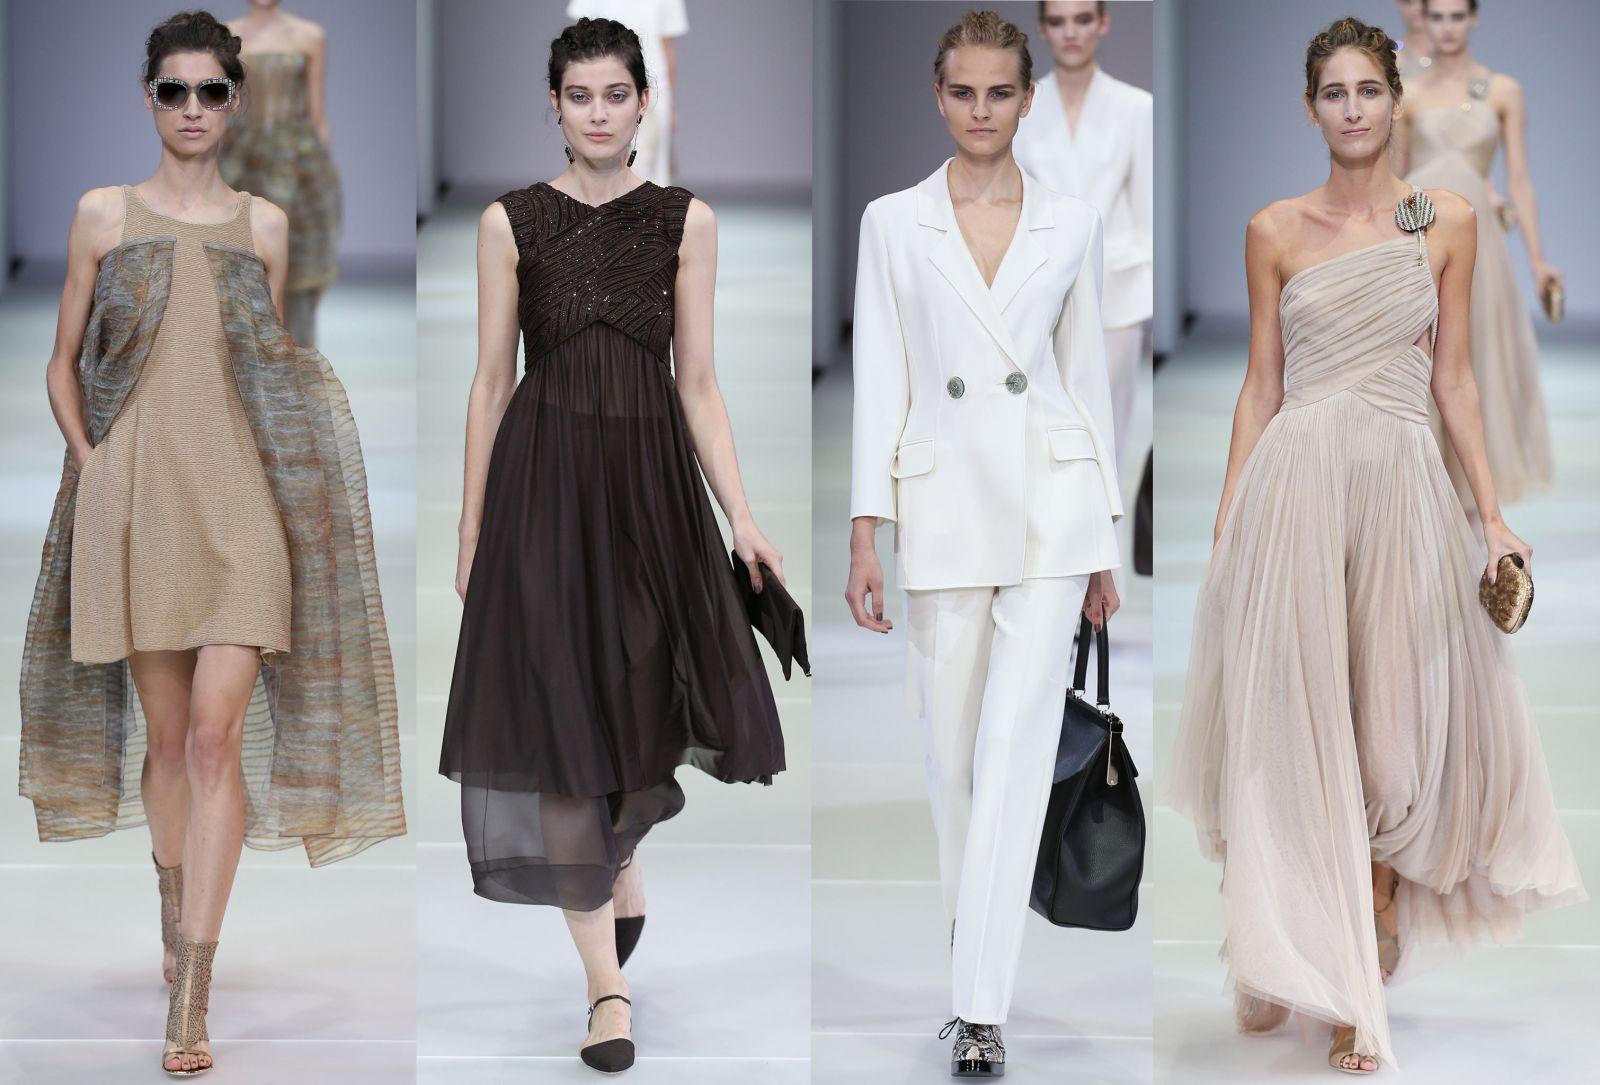 Неделя моды в Милане: Giorgio Armani, весна-лето 2015 - фото №1